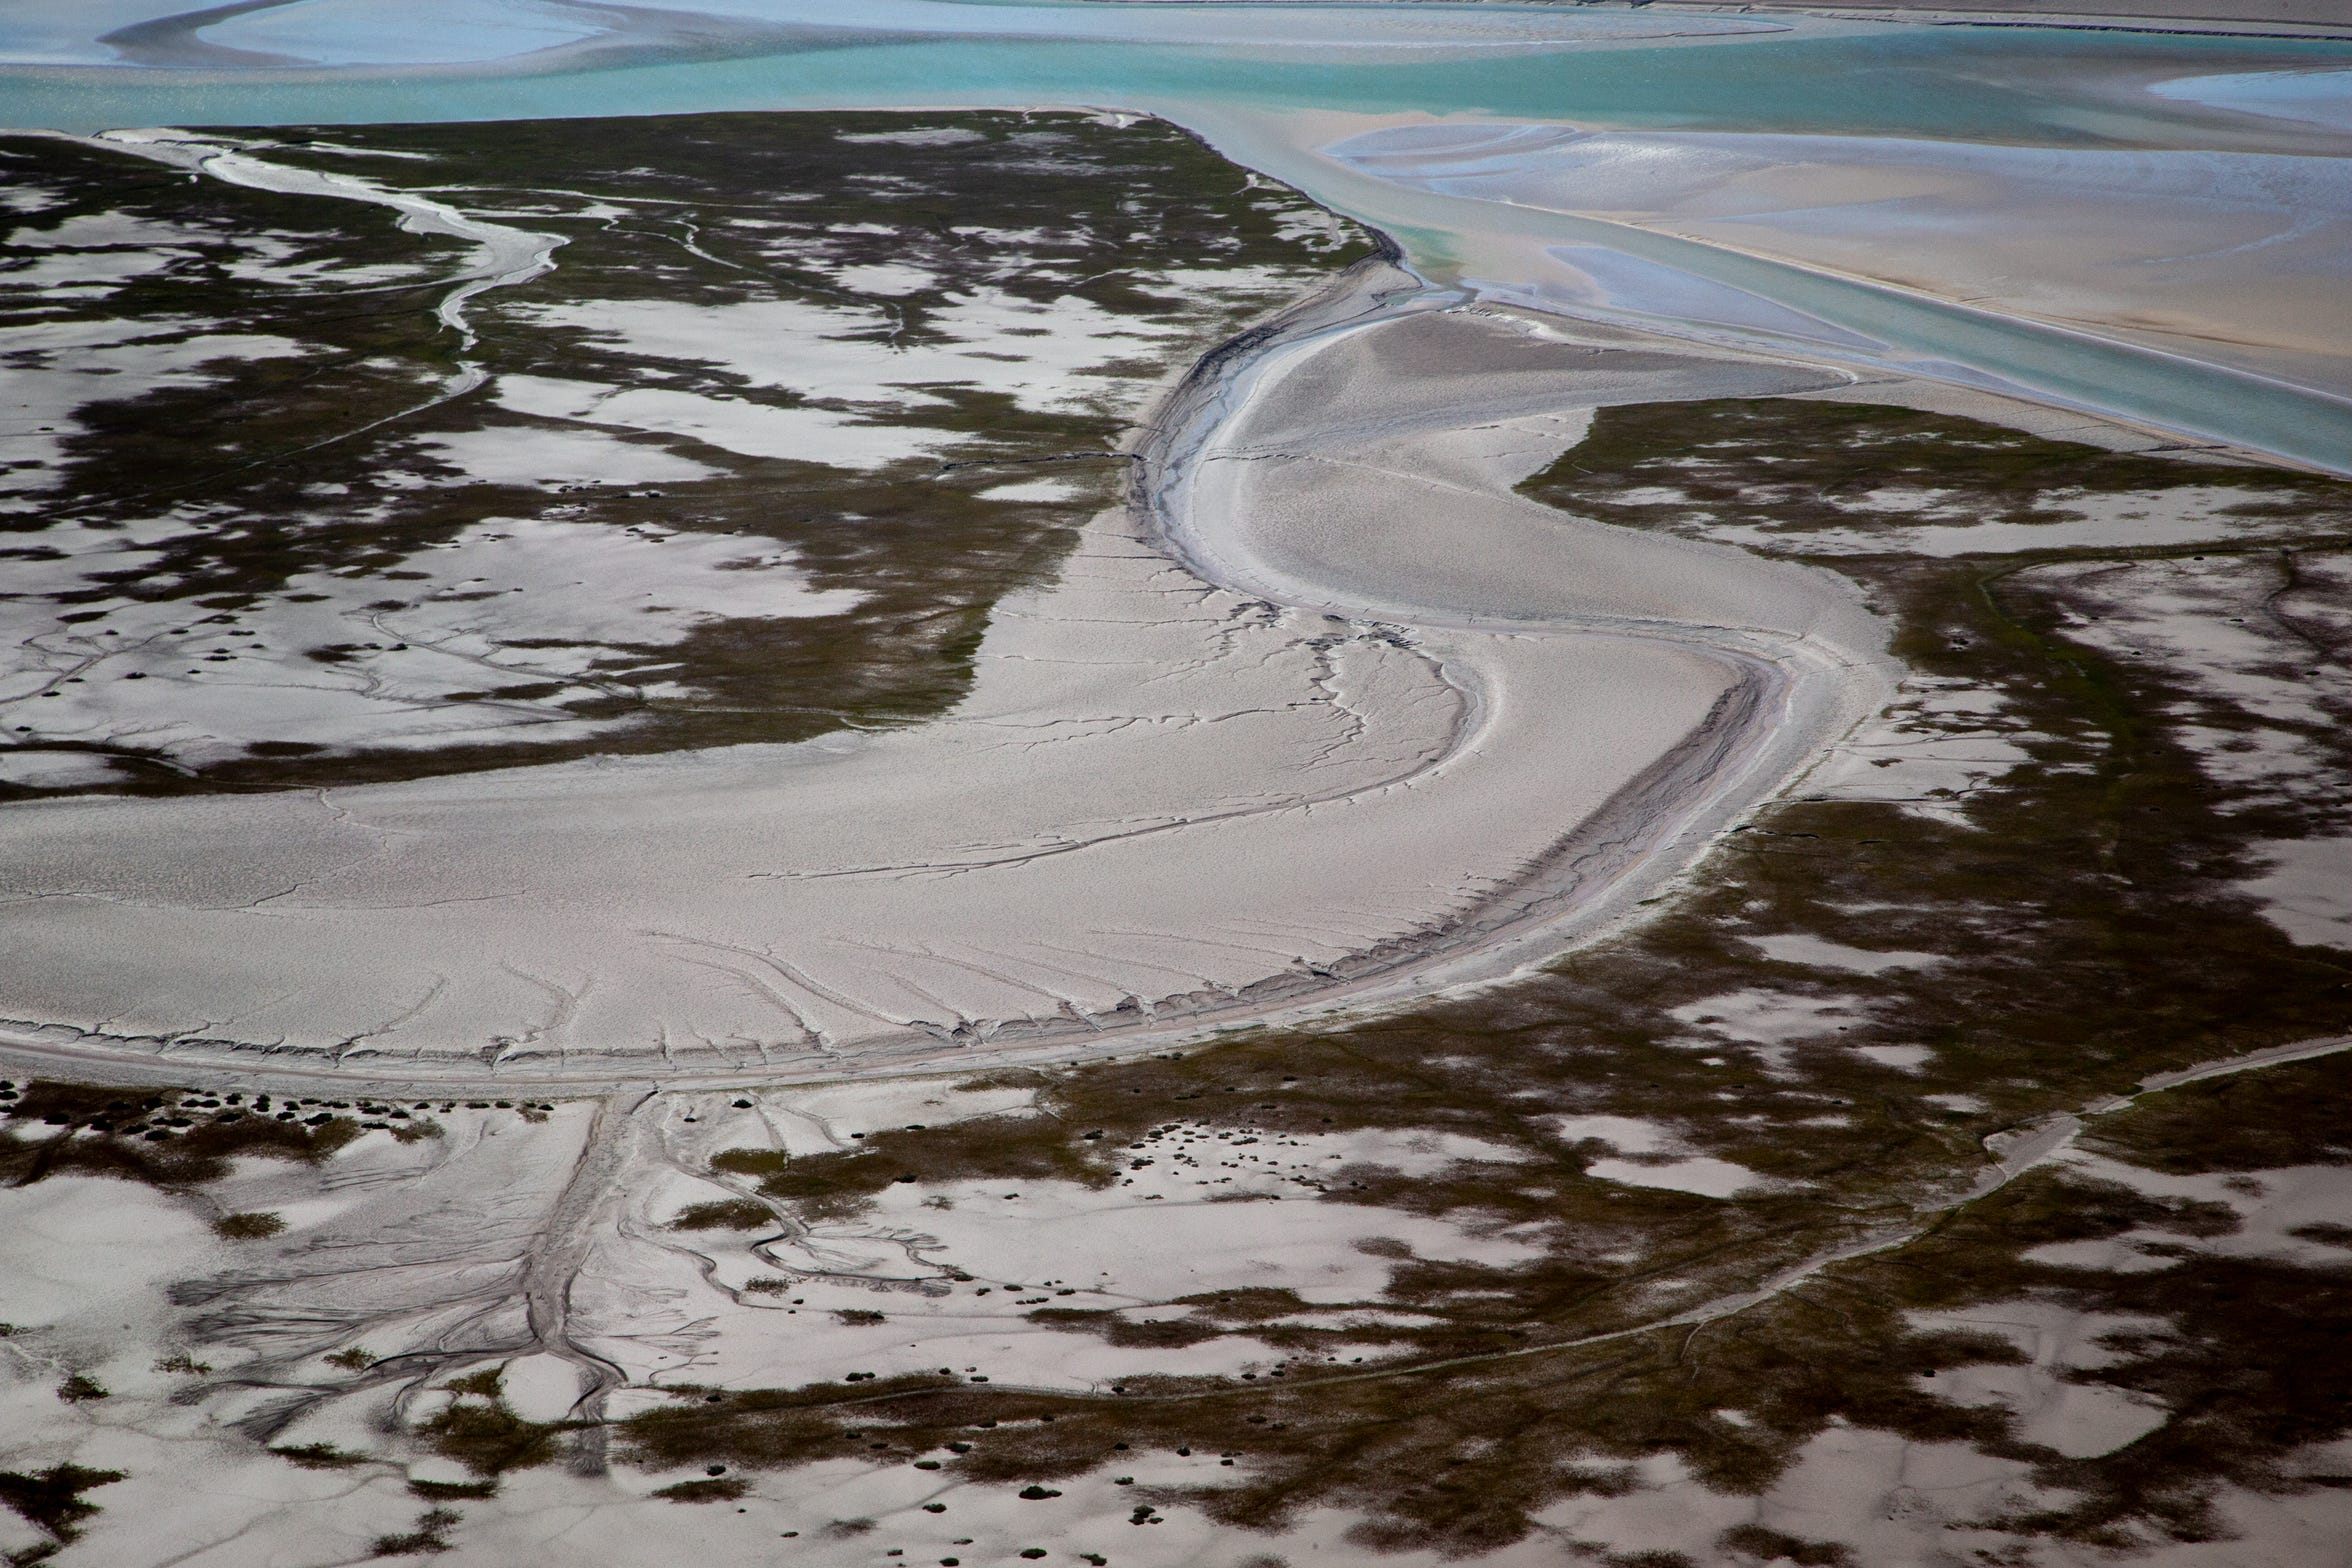 Un canal de marea serpentea a través del estuario del Delta del Río Colorado en México.